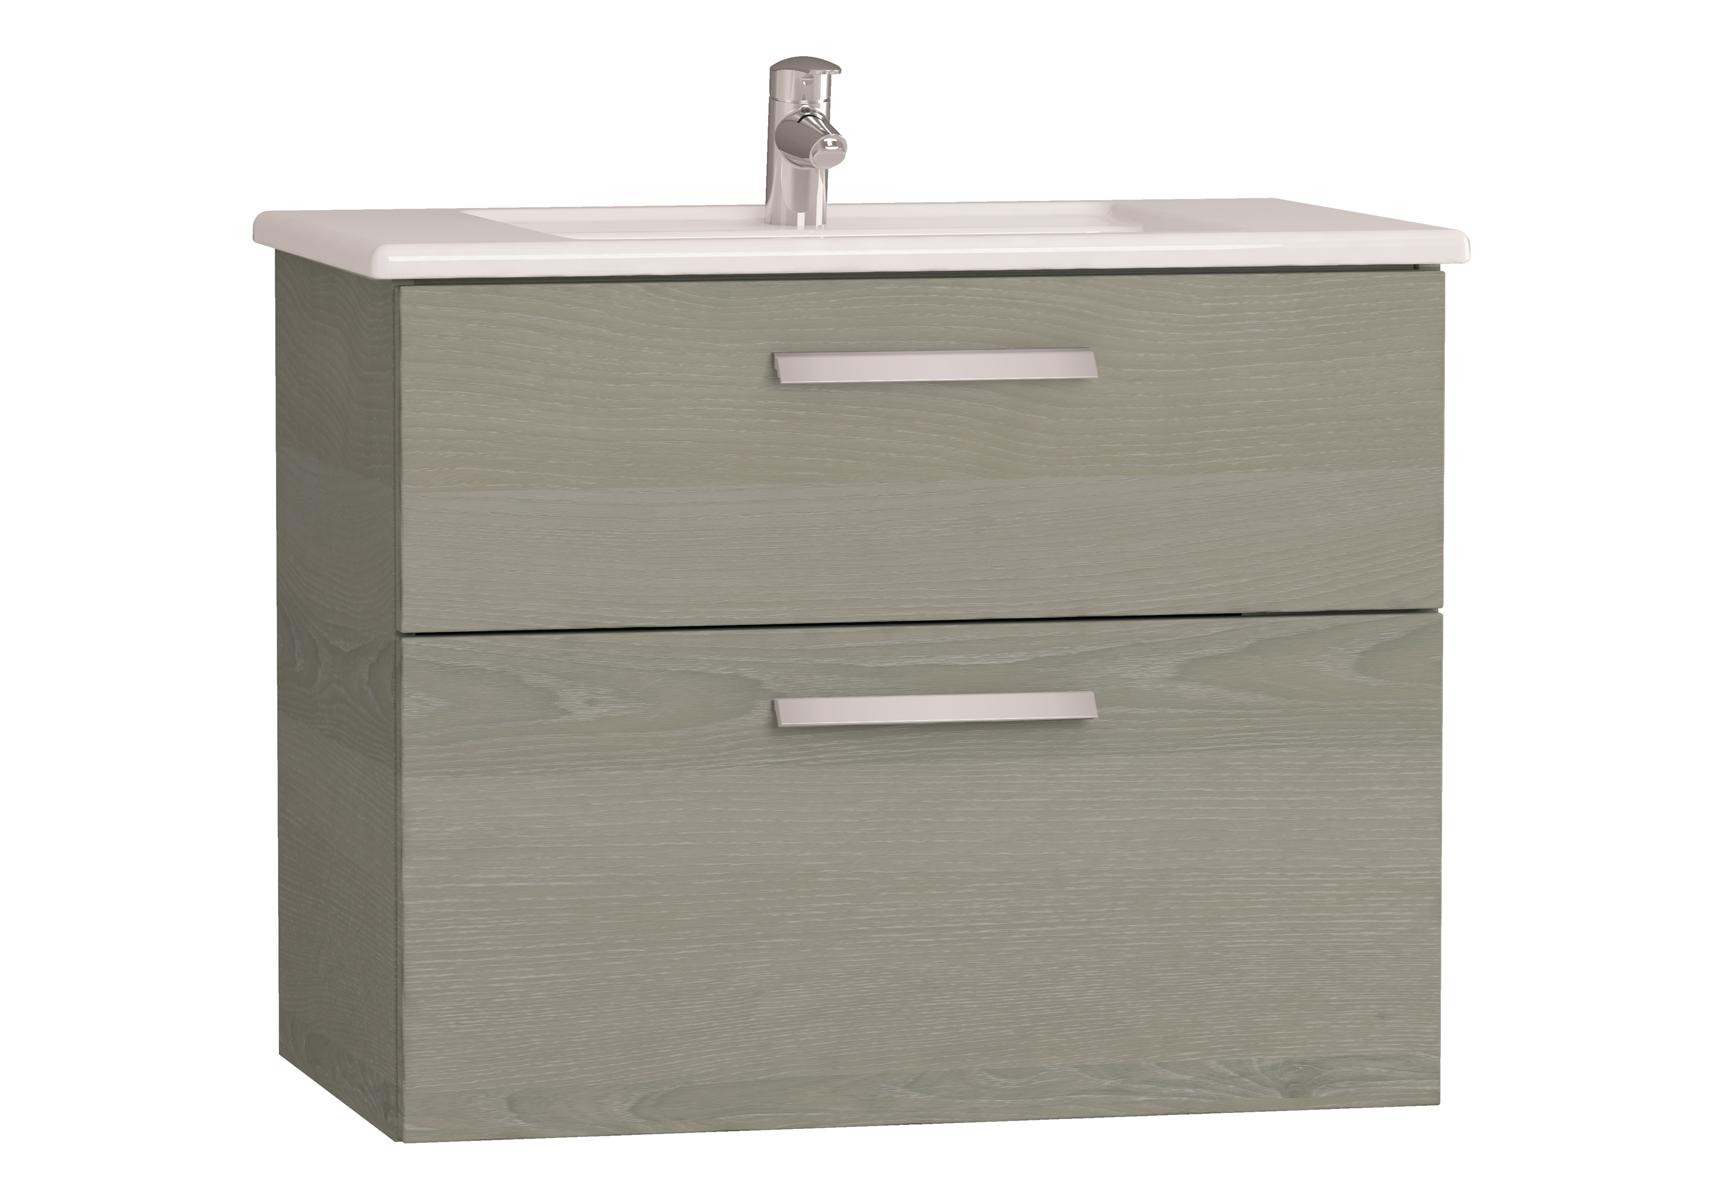 Integra meuble avec plan céramique avec deux tiroirs, 80 cm, chêne gris naturel